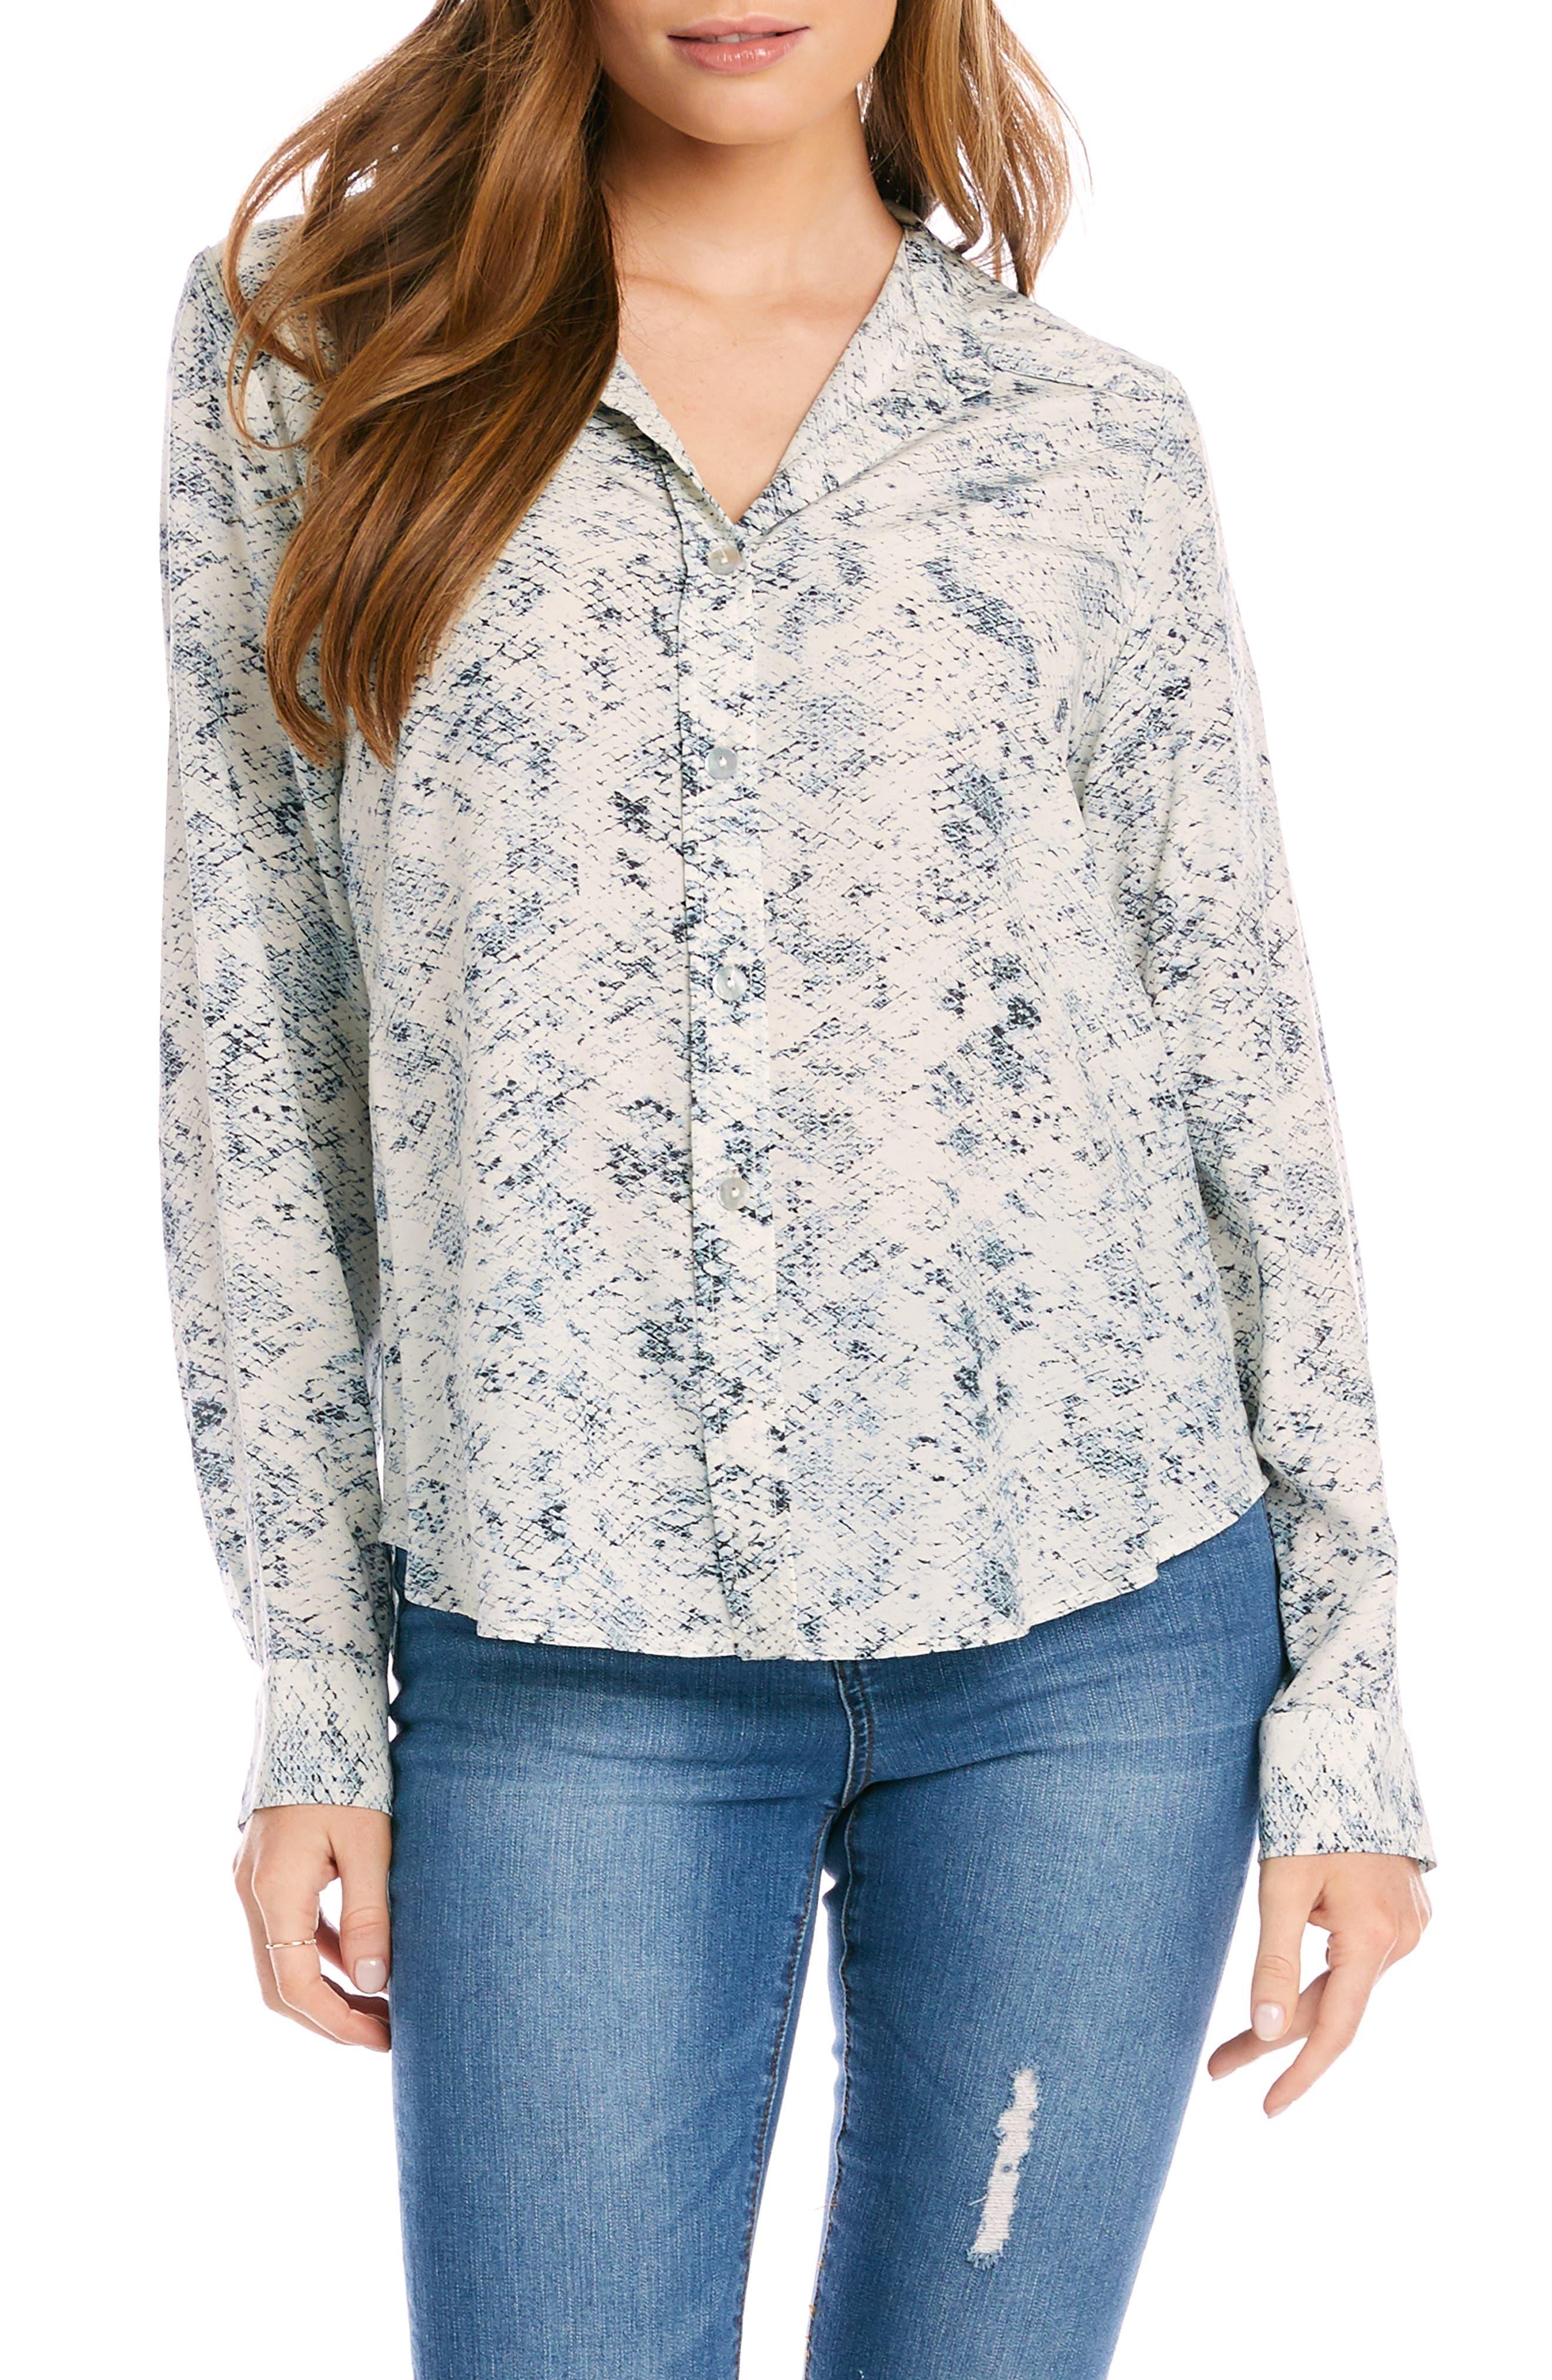 Snakeskin Print Button-Up Shirt